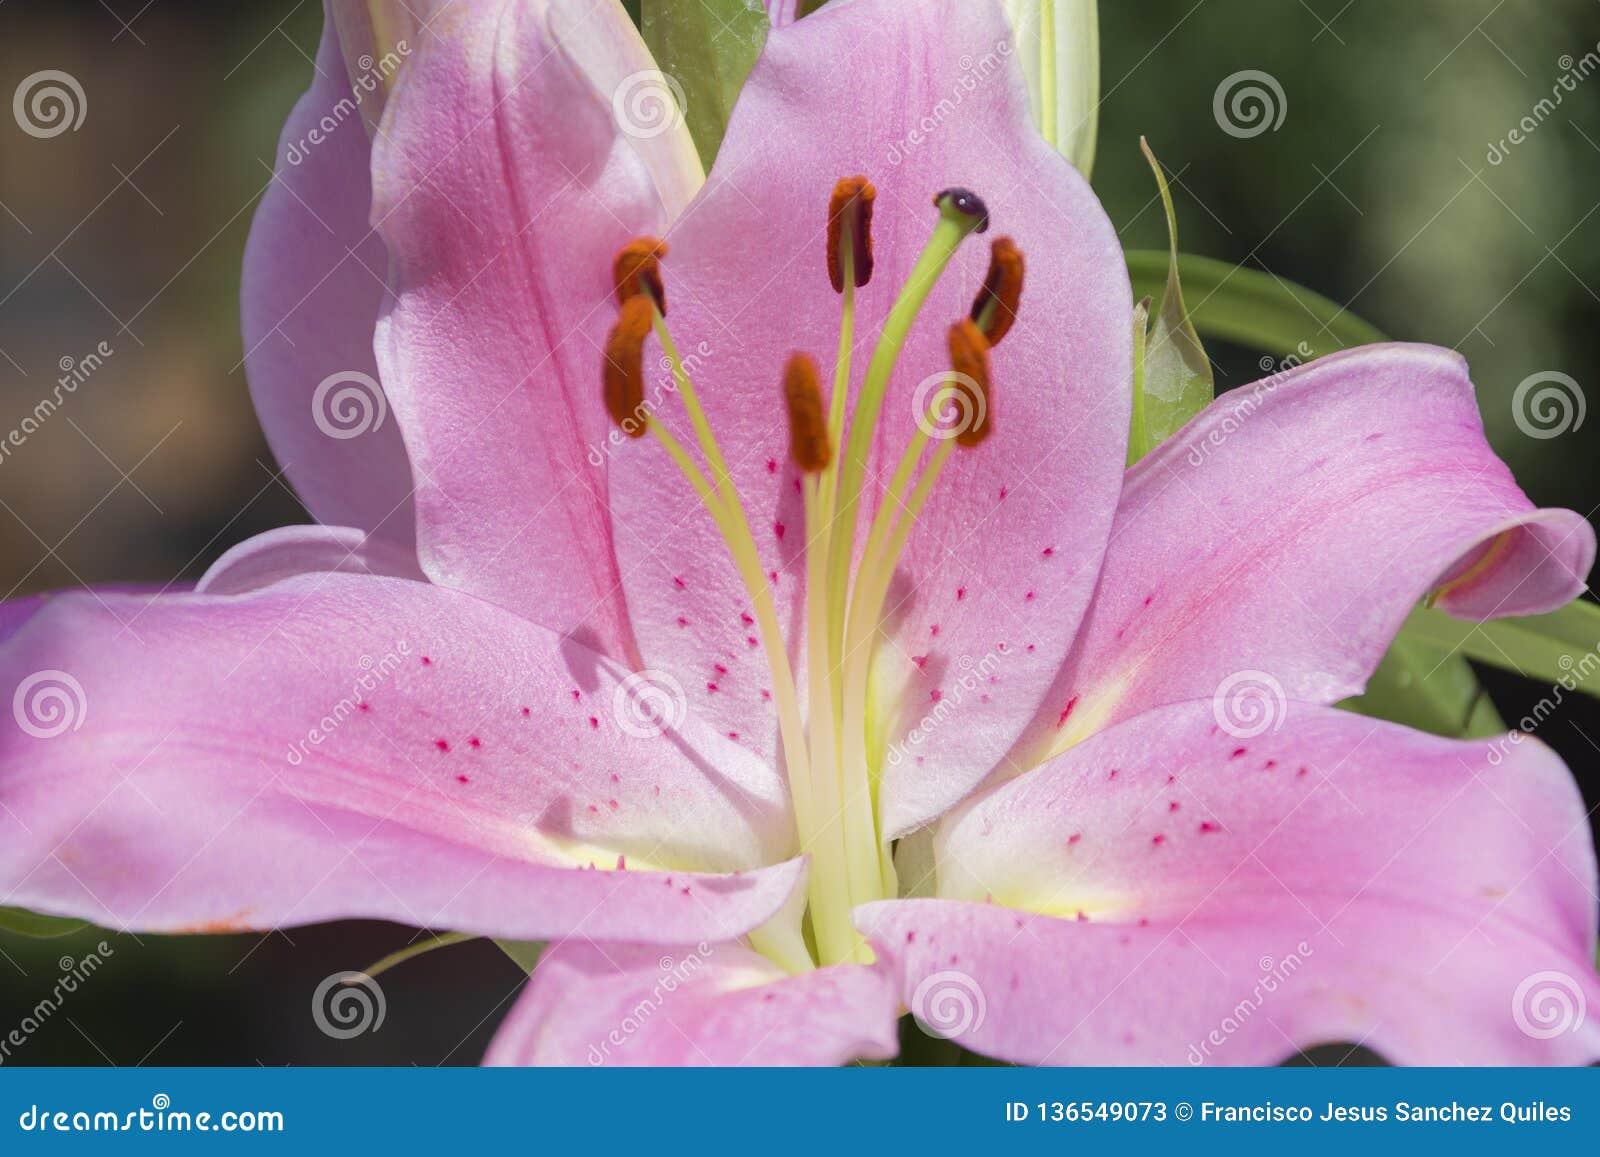 Ritratto del fiore di colchicum autumnale macro